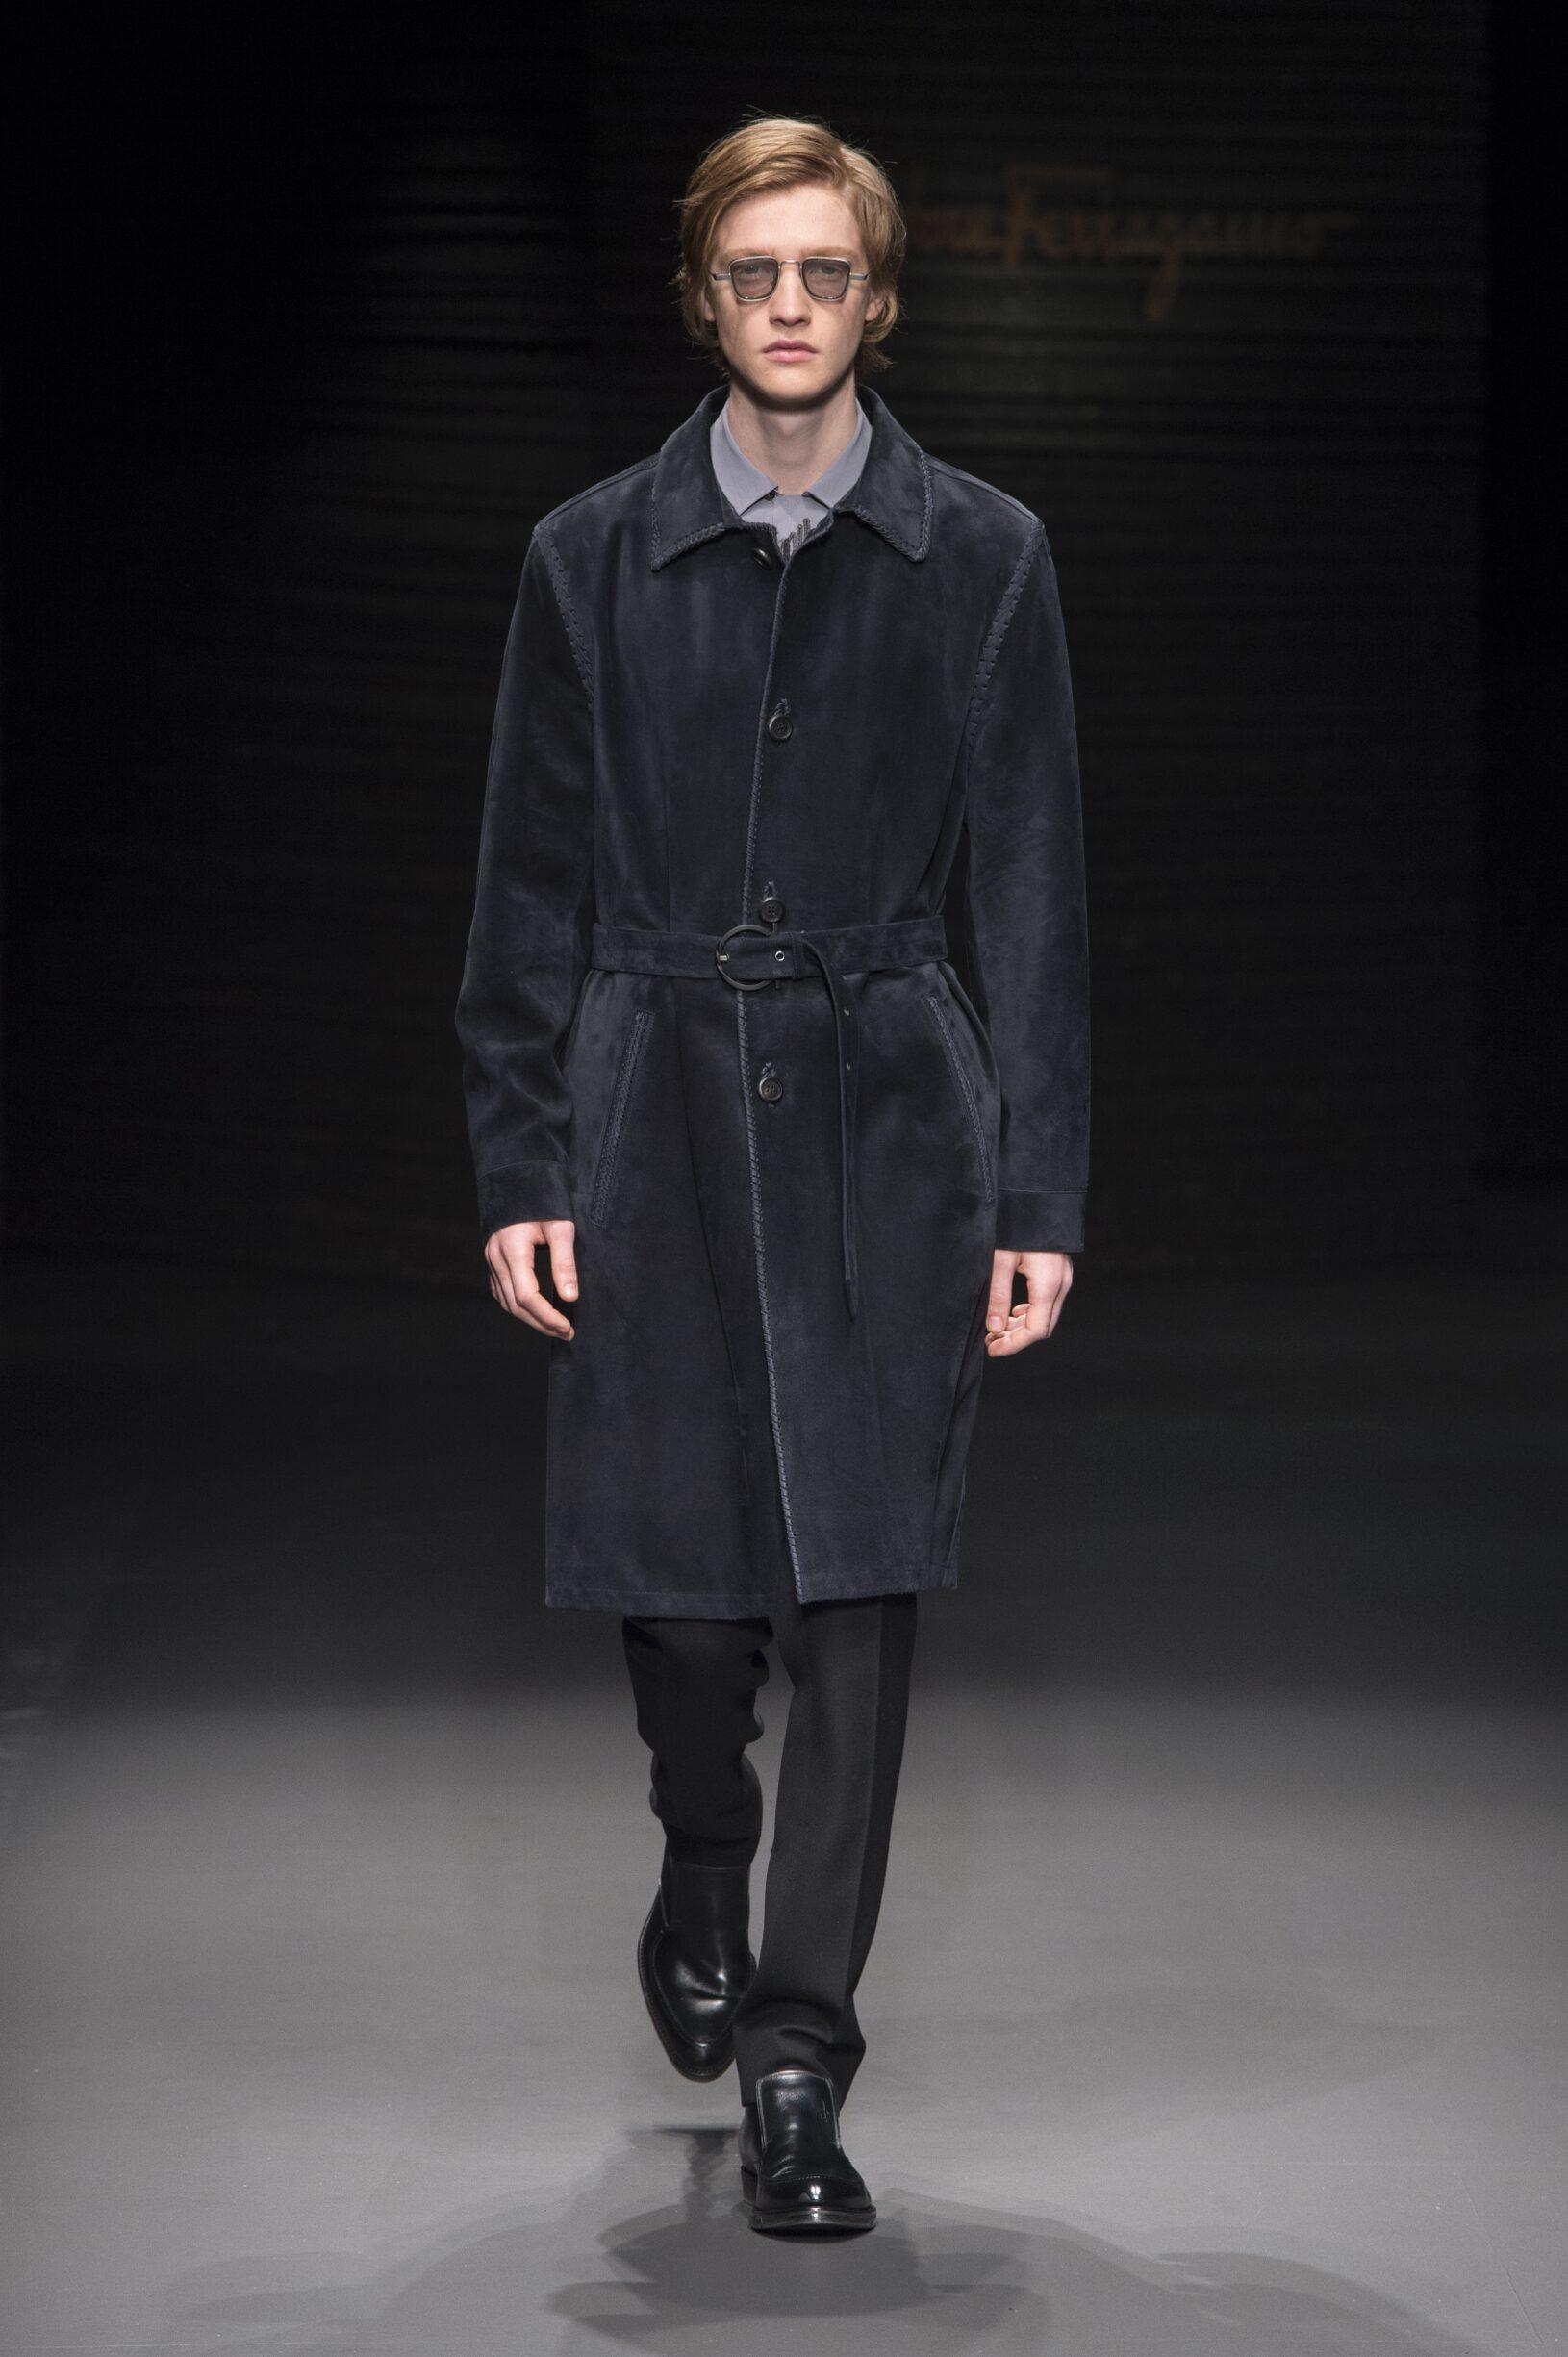 FW 2017-18 Salvatore Ferragamo Fashion Show